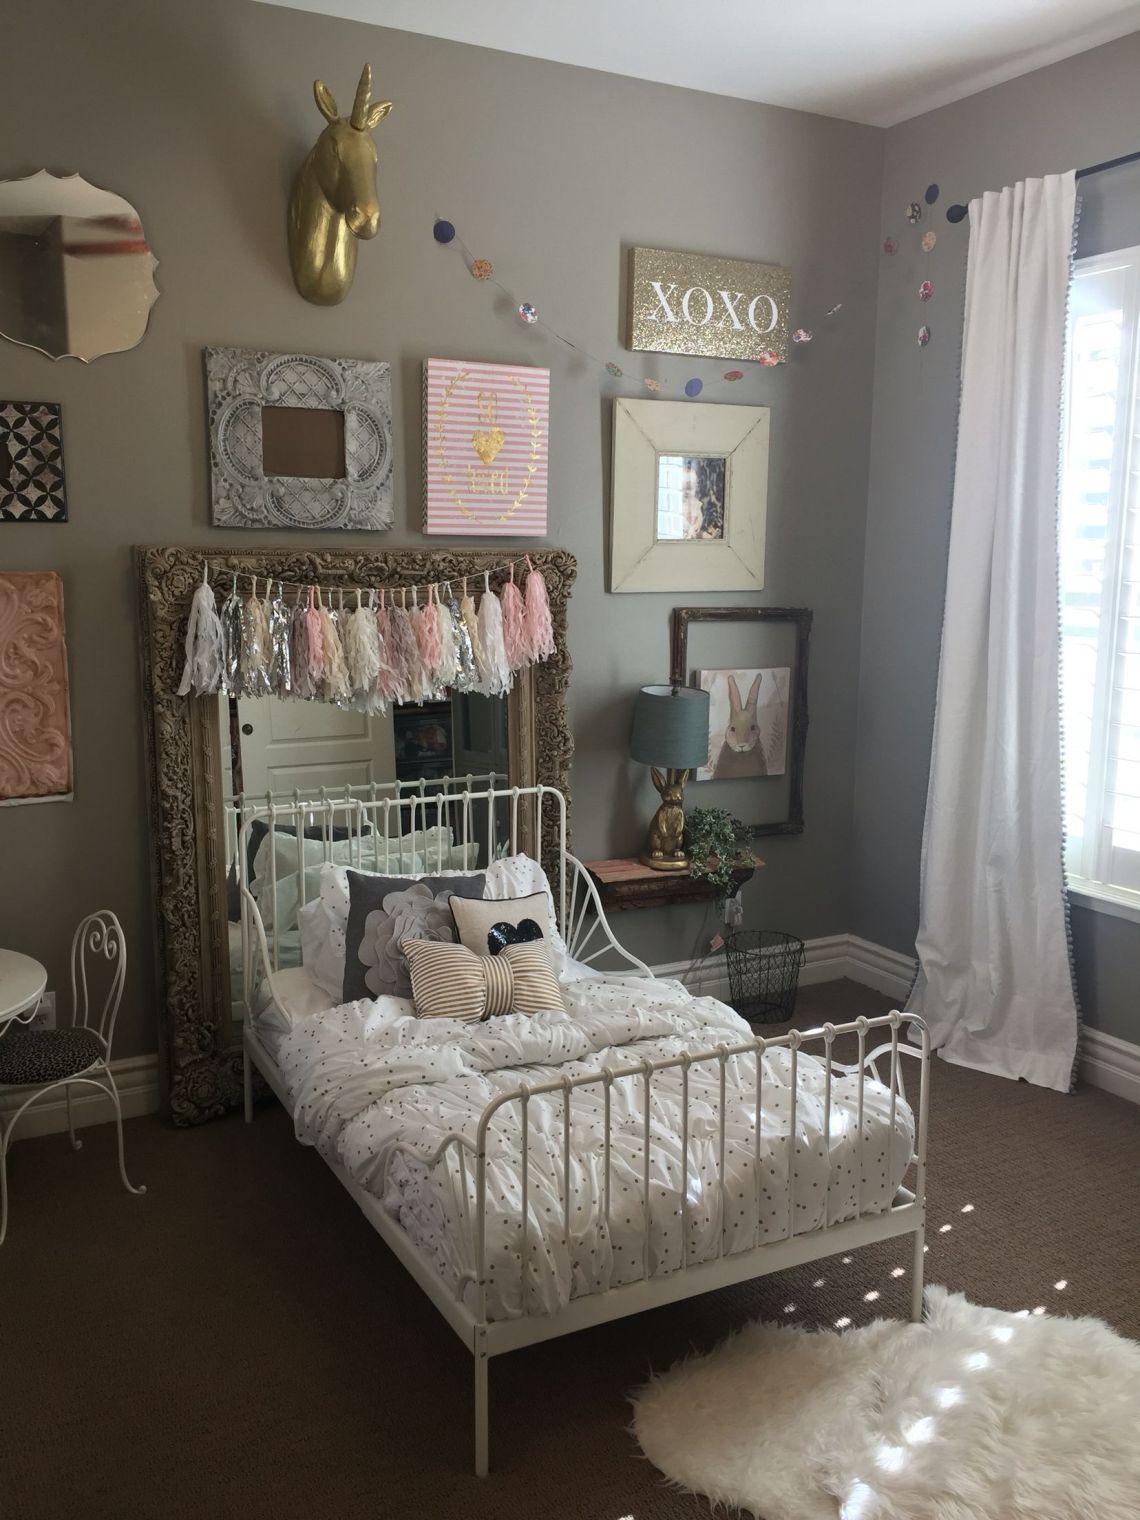 My little girls CUTE bedroom! I love her cute @ikea ...